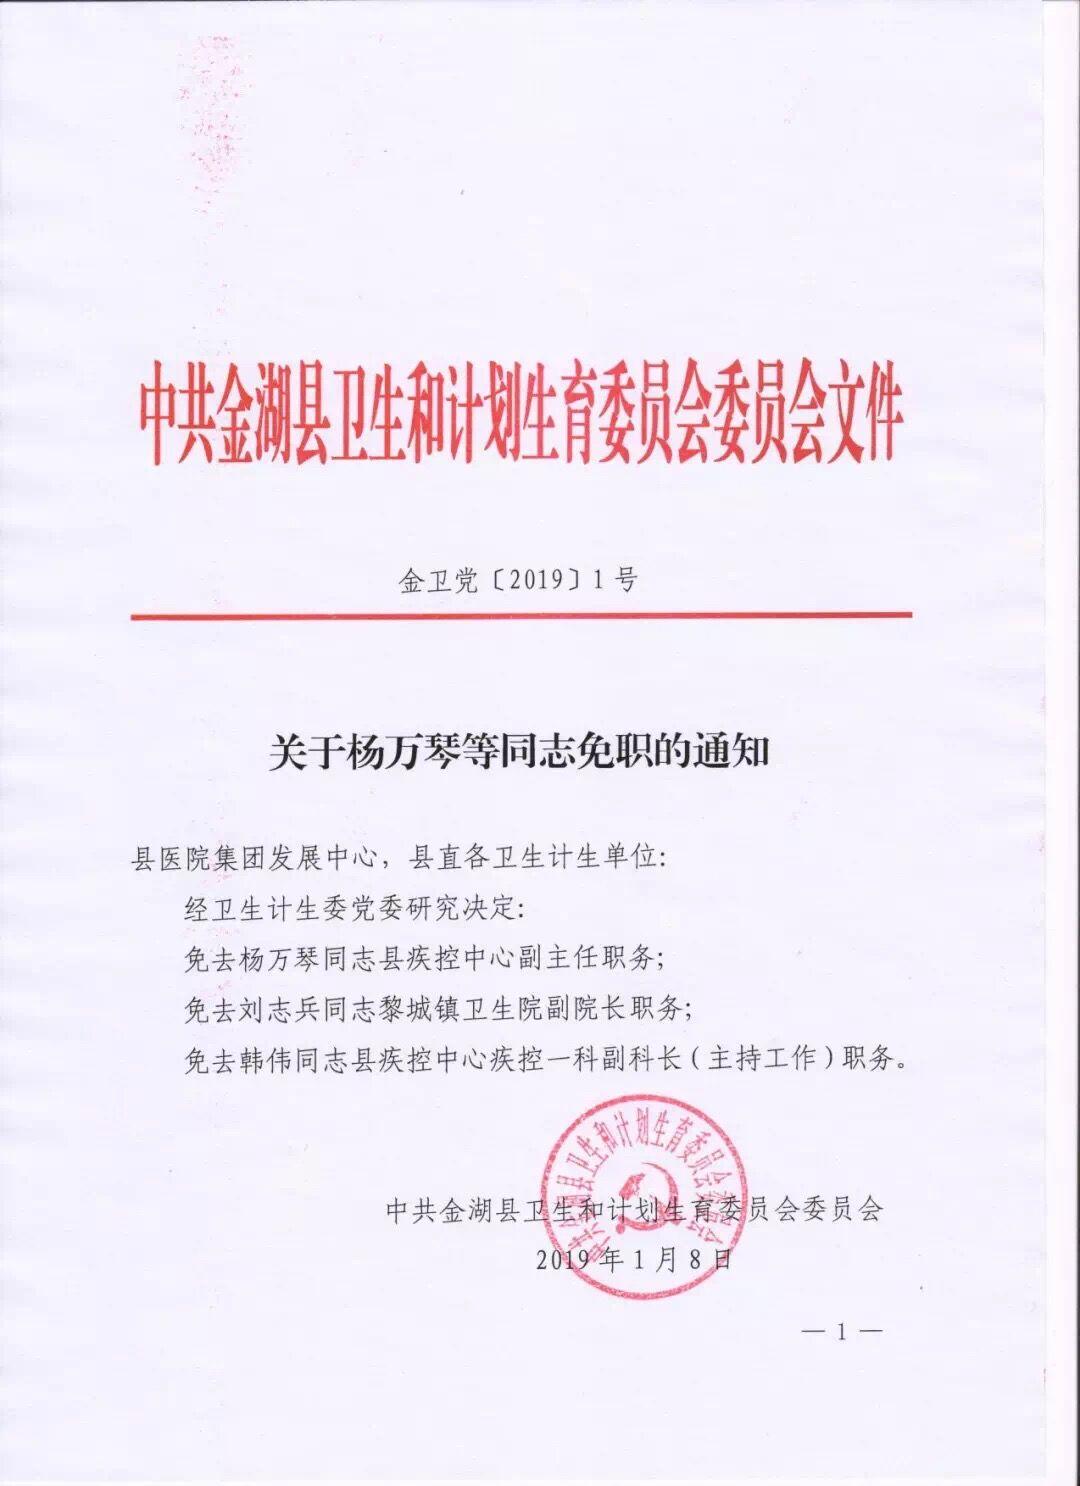 江苏金湖145名儿童口服过期疫苗 负责人被免职